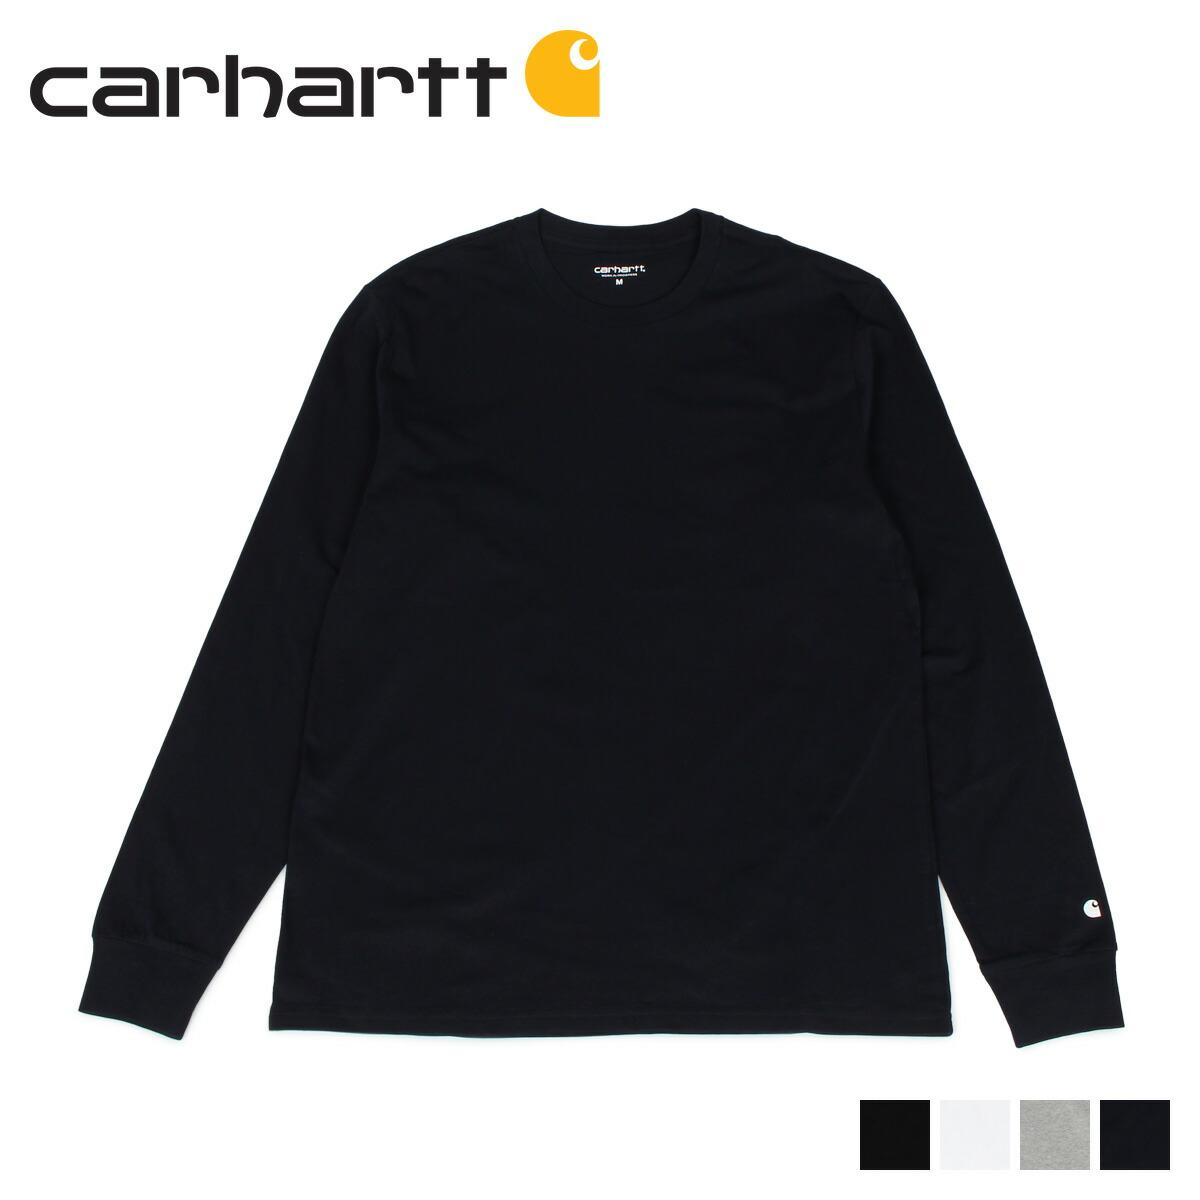 カーハート carhartt Tシャツ メンズ 長袖 ロンT 無地 LS BASE T-SHIRT ブラック ホワイト グレー ダーク ネイビー 黒 白 I026265 [11/7 新入荷]